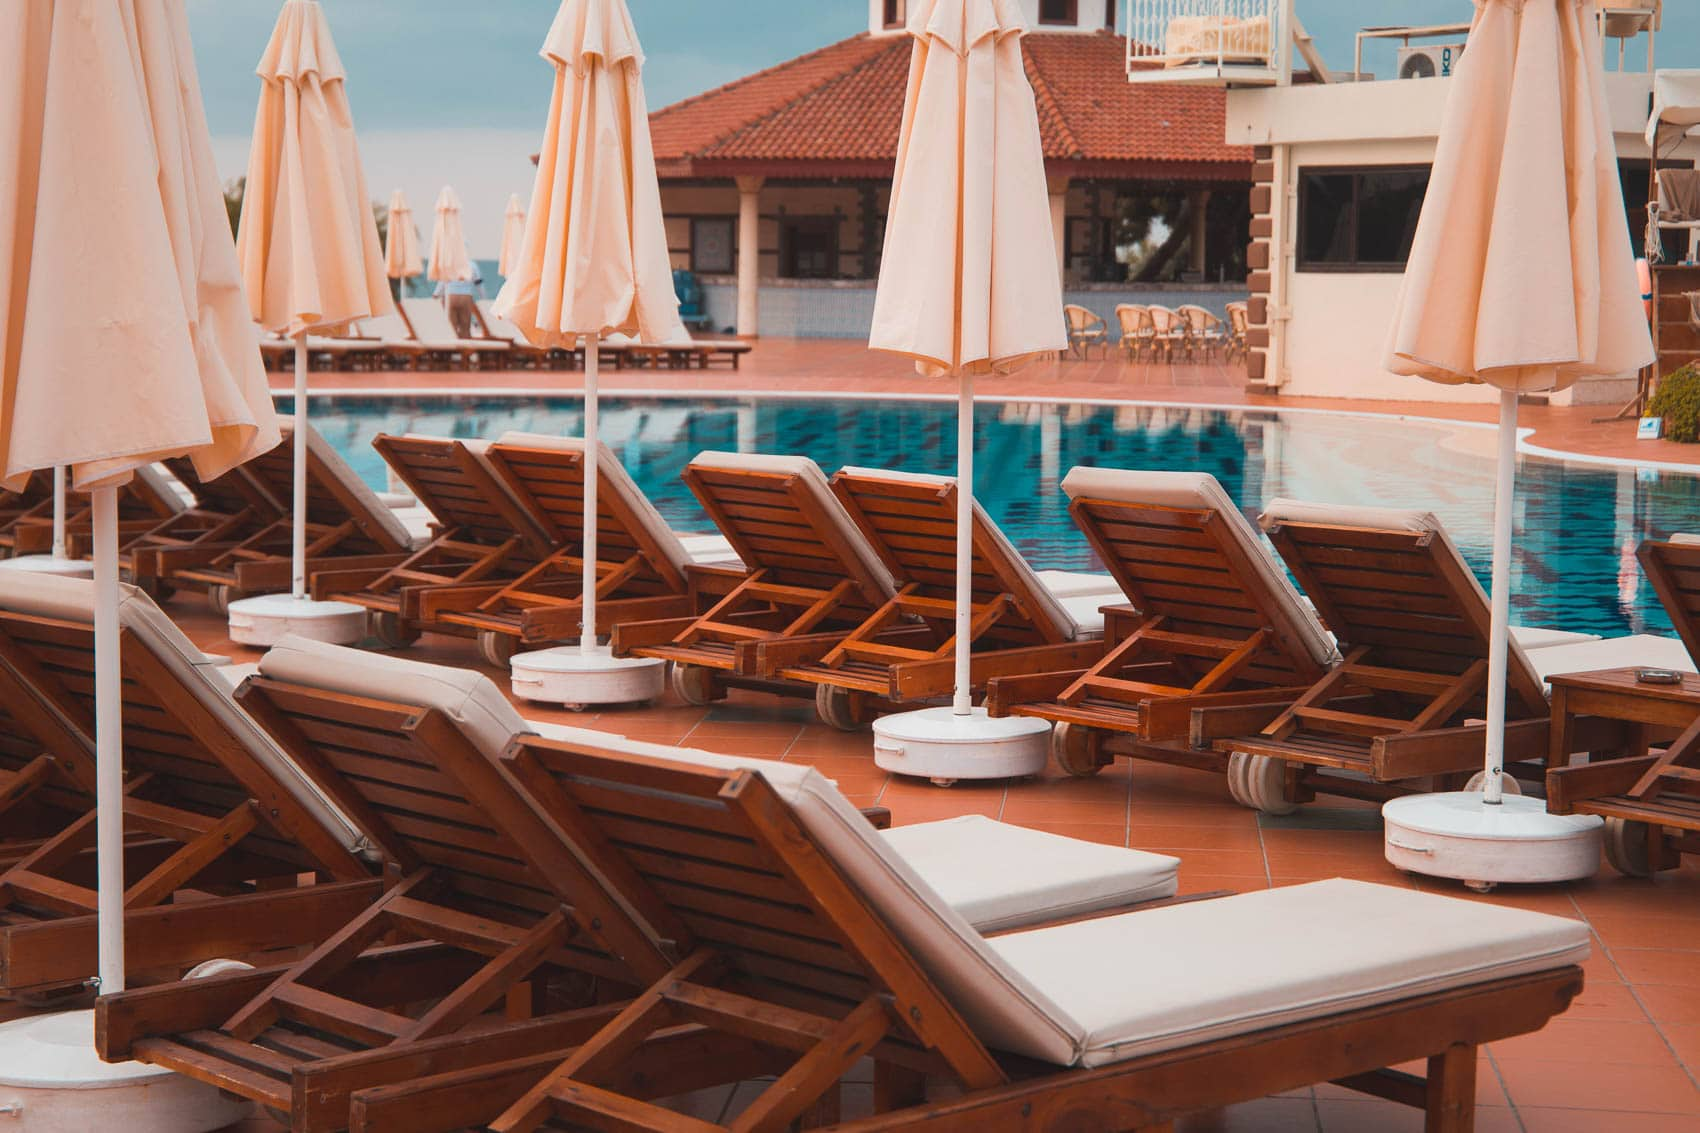 Ali Bey Club Manavgat - mein erste Reise an die türkische Riviera